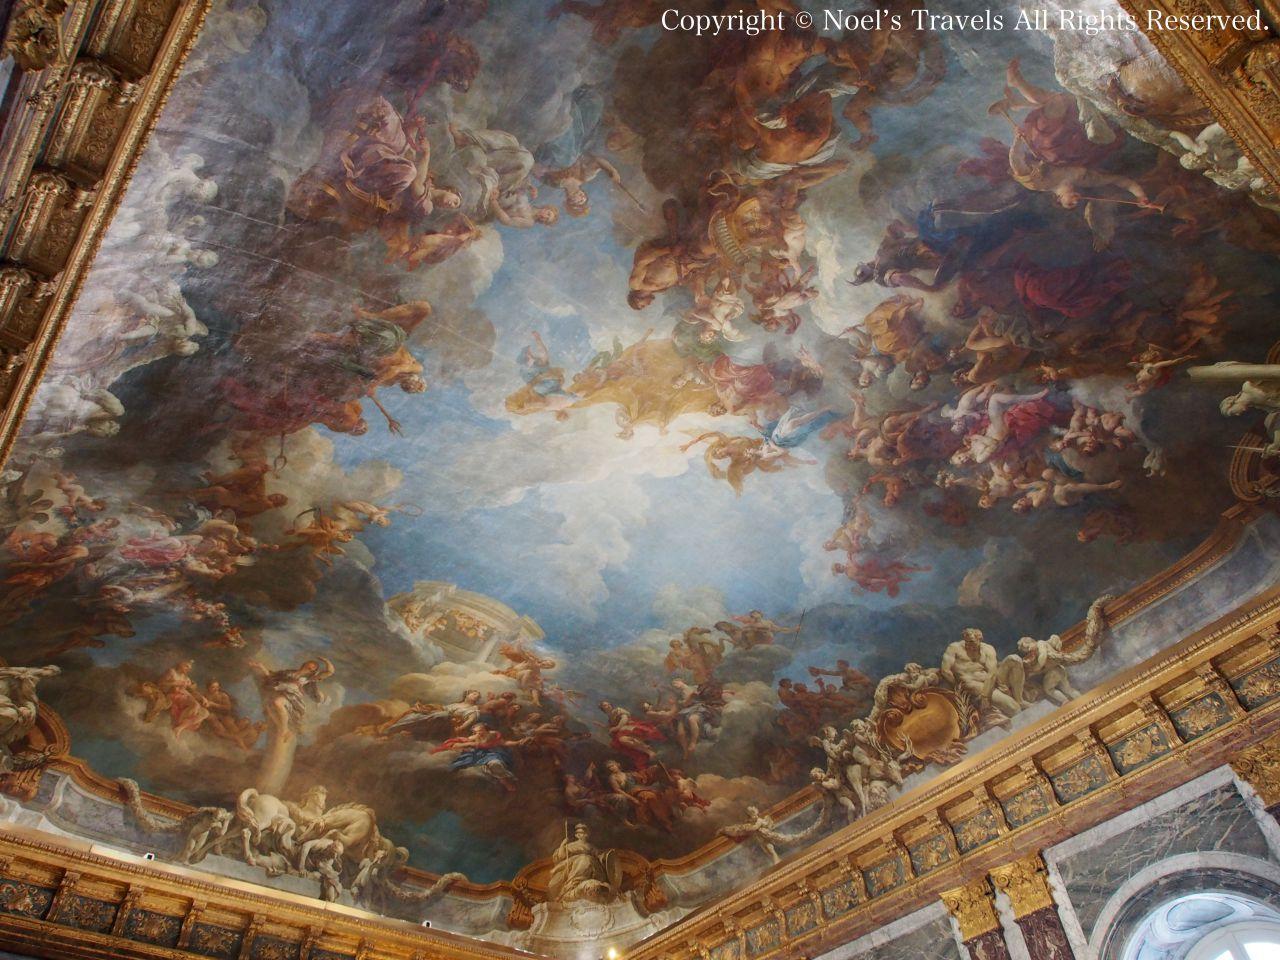 ヴェルサイユ宮殿の「ヘラクレスの神格化」